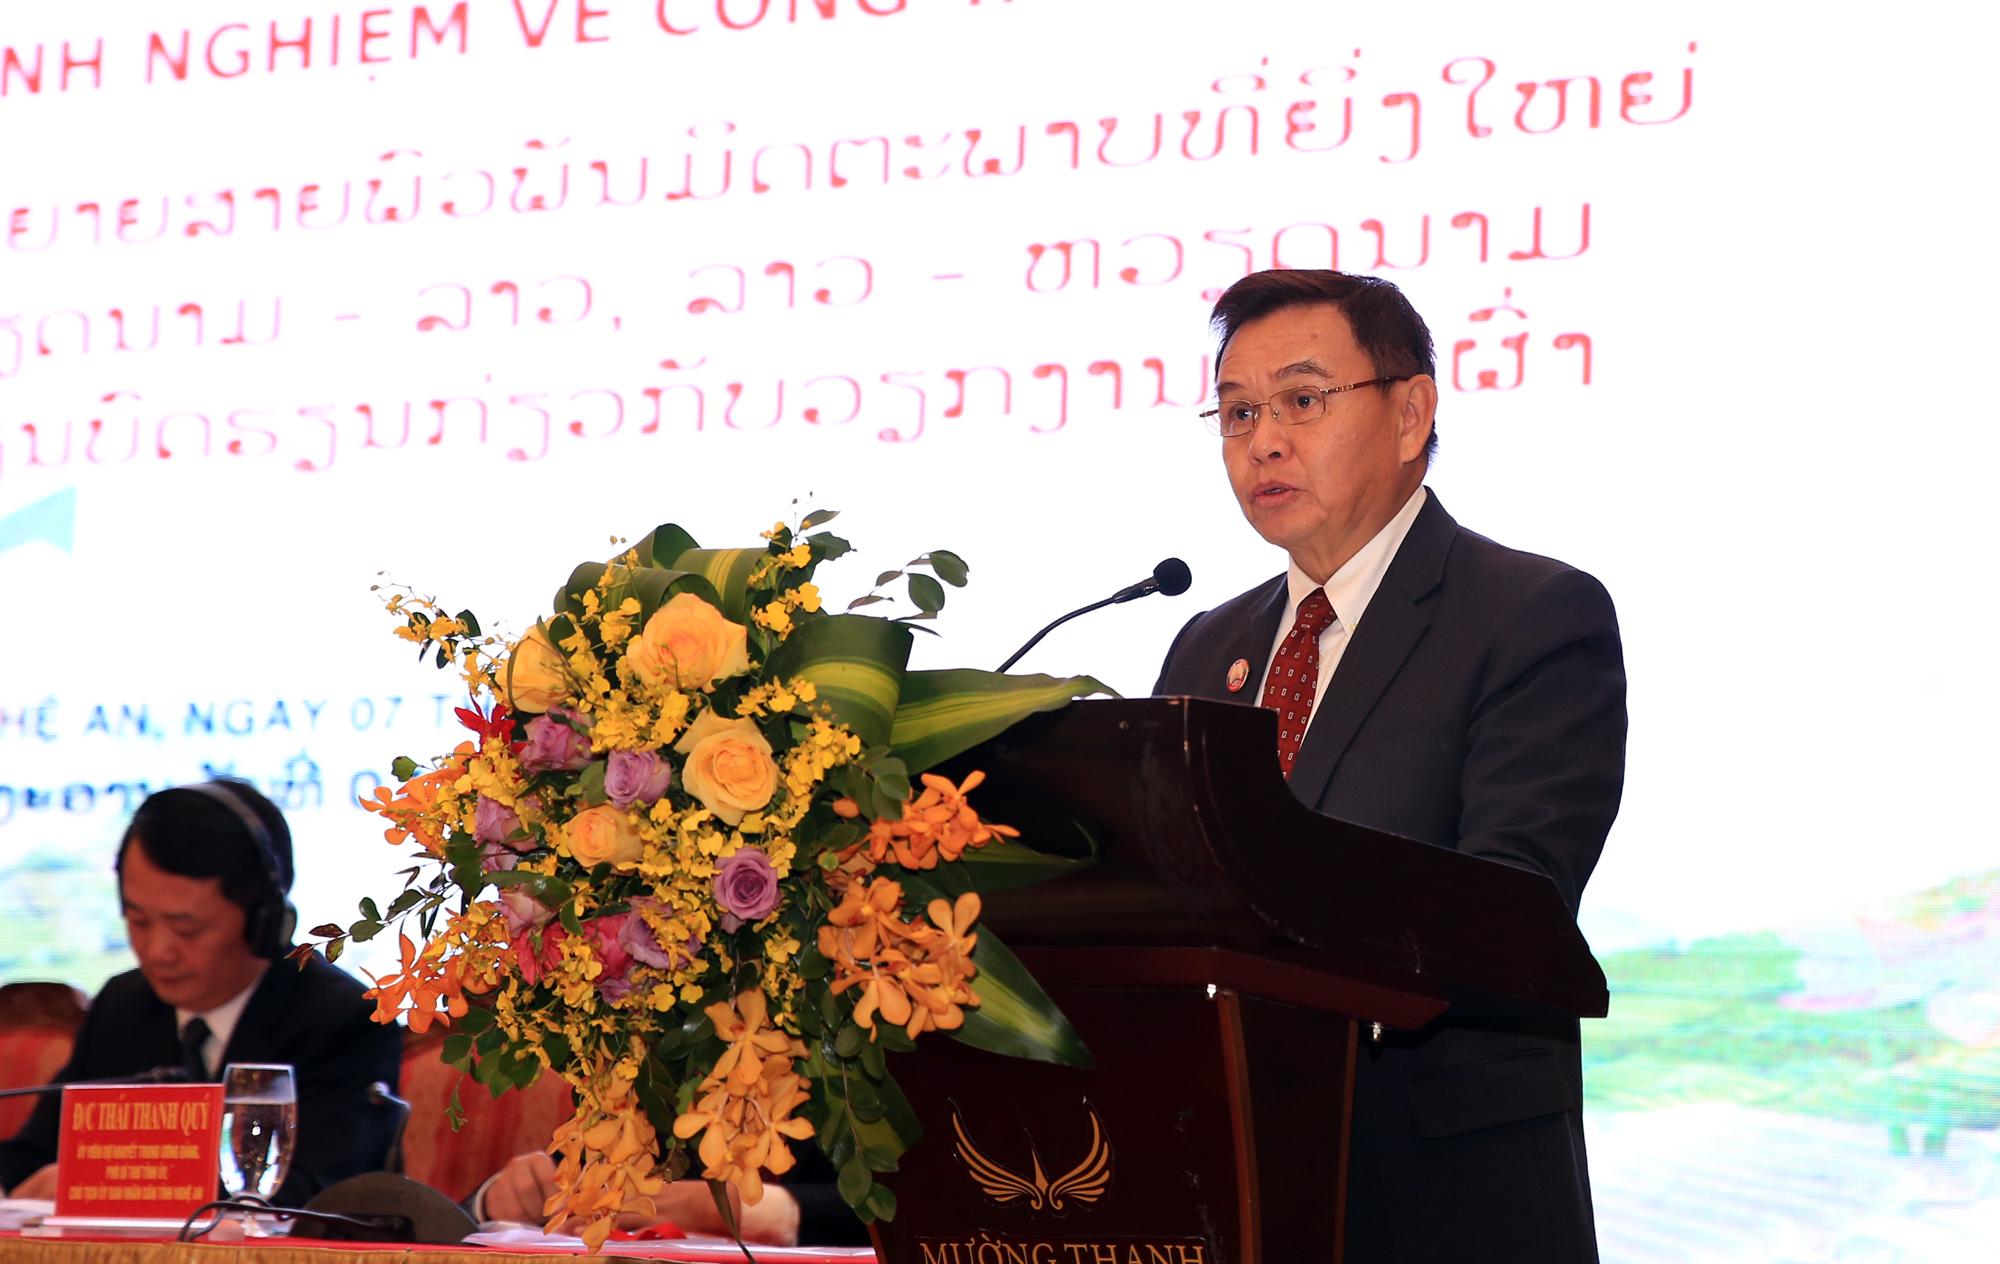 Đồng chí Xay - xổm - phon Phôm - vi - hản, Ủy viên Bộ chính trị, Chủ tịch Ủy Ban Trung ương Mặt trận Lào xây dựng đất nước phát biểu tại Hội thảo